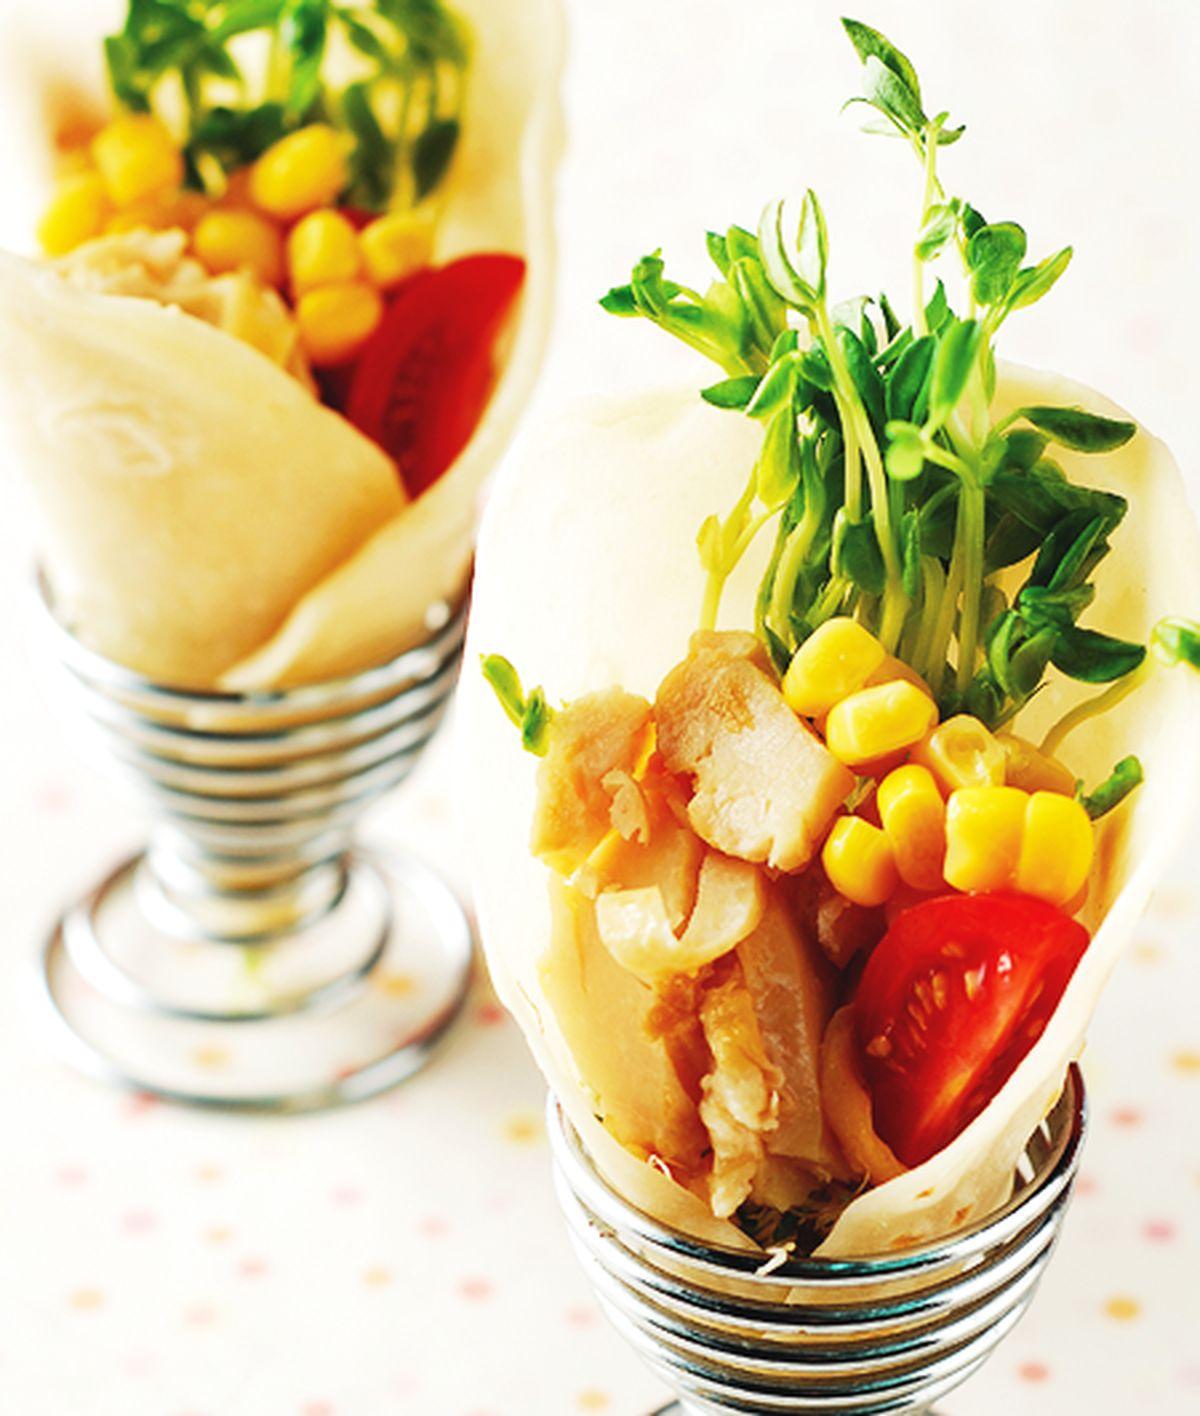 食譜:沙拉燻雞肉捲